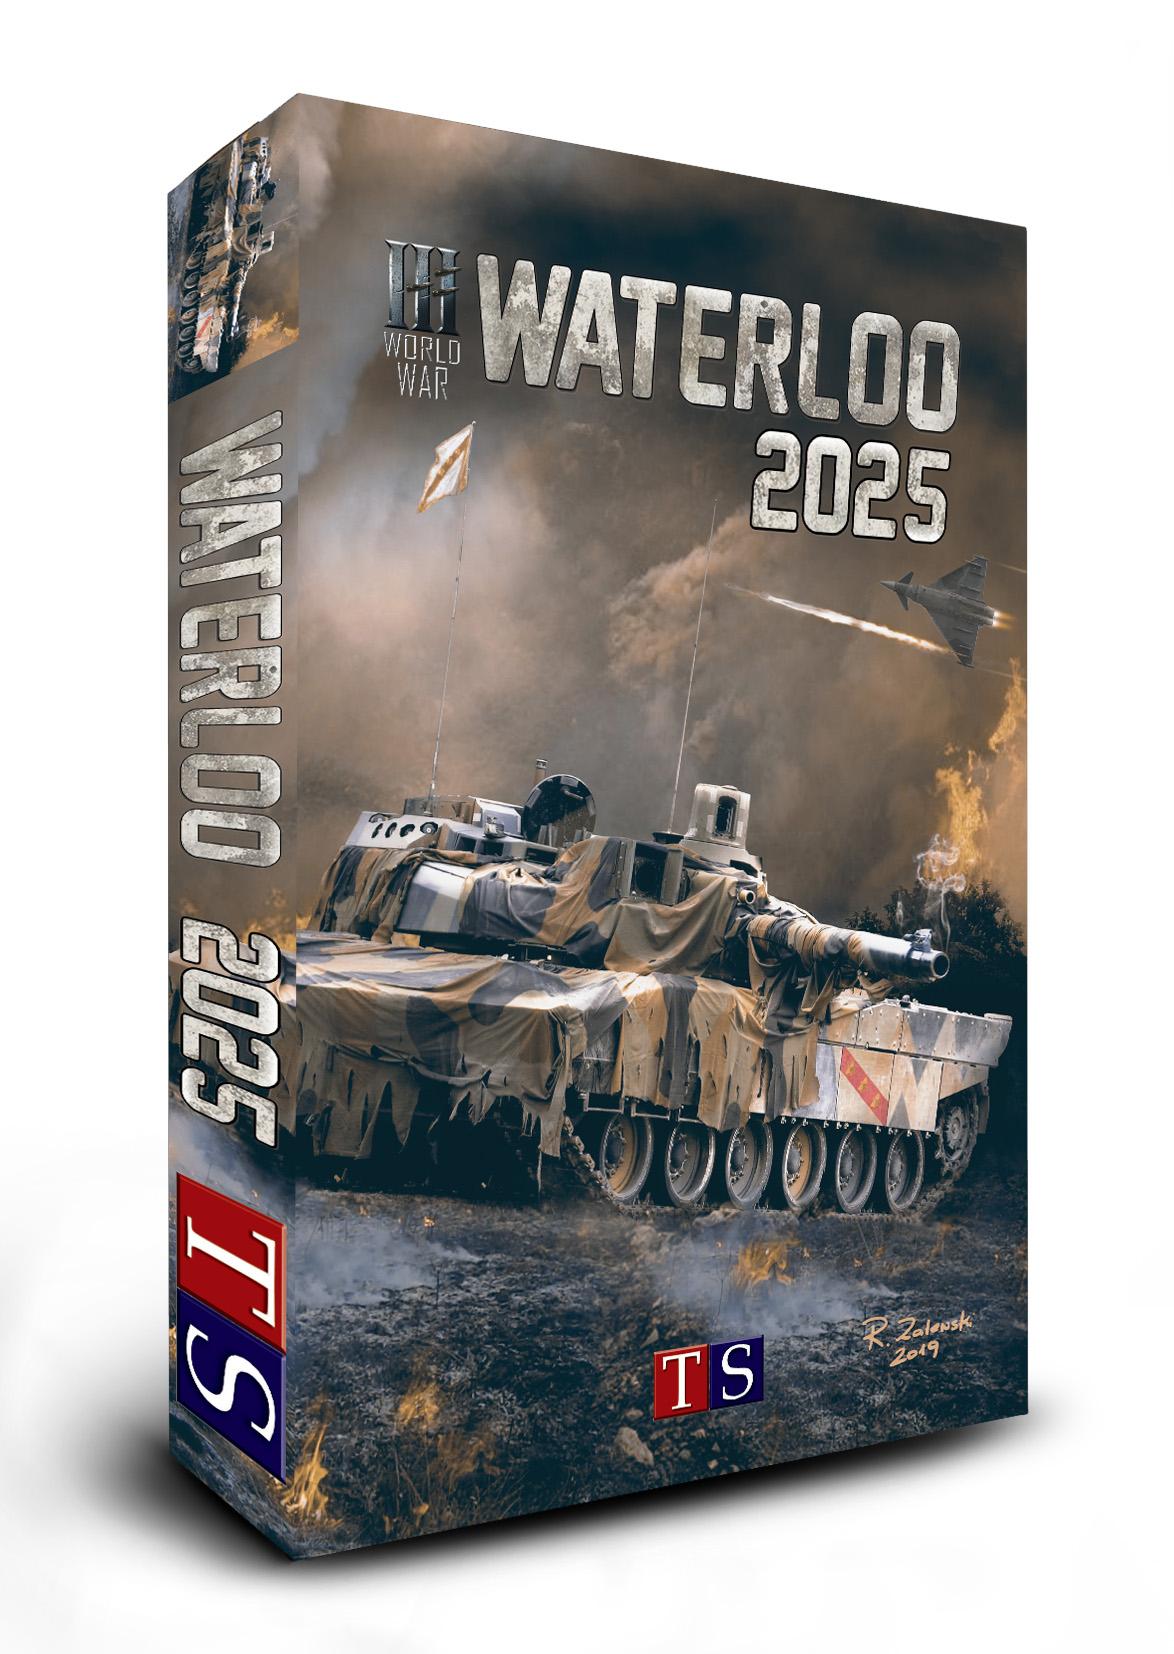 Waterloo 2025